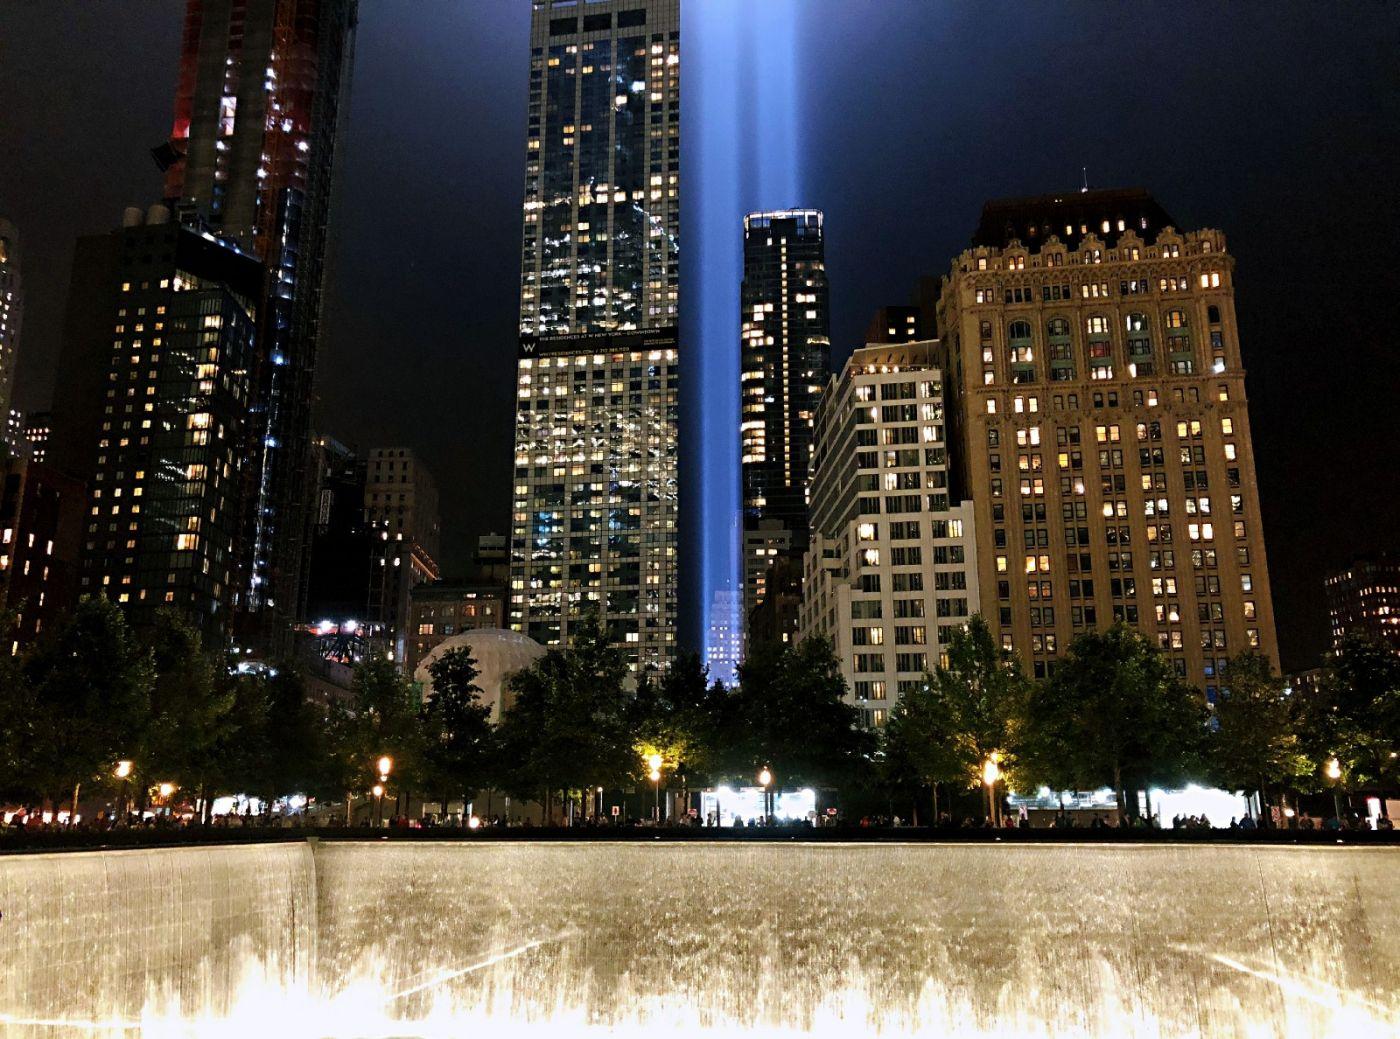 【田螺手机摄影】拍摄灯柱纪念911恐襲17周年_图1-6